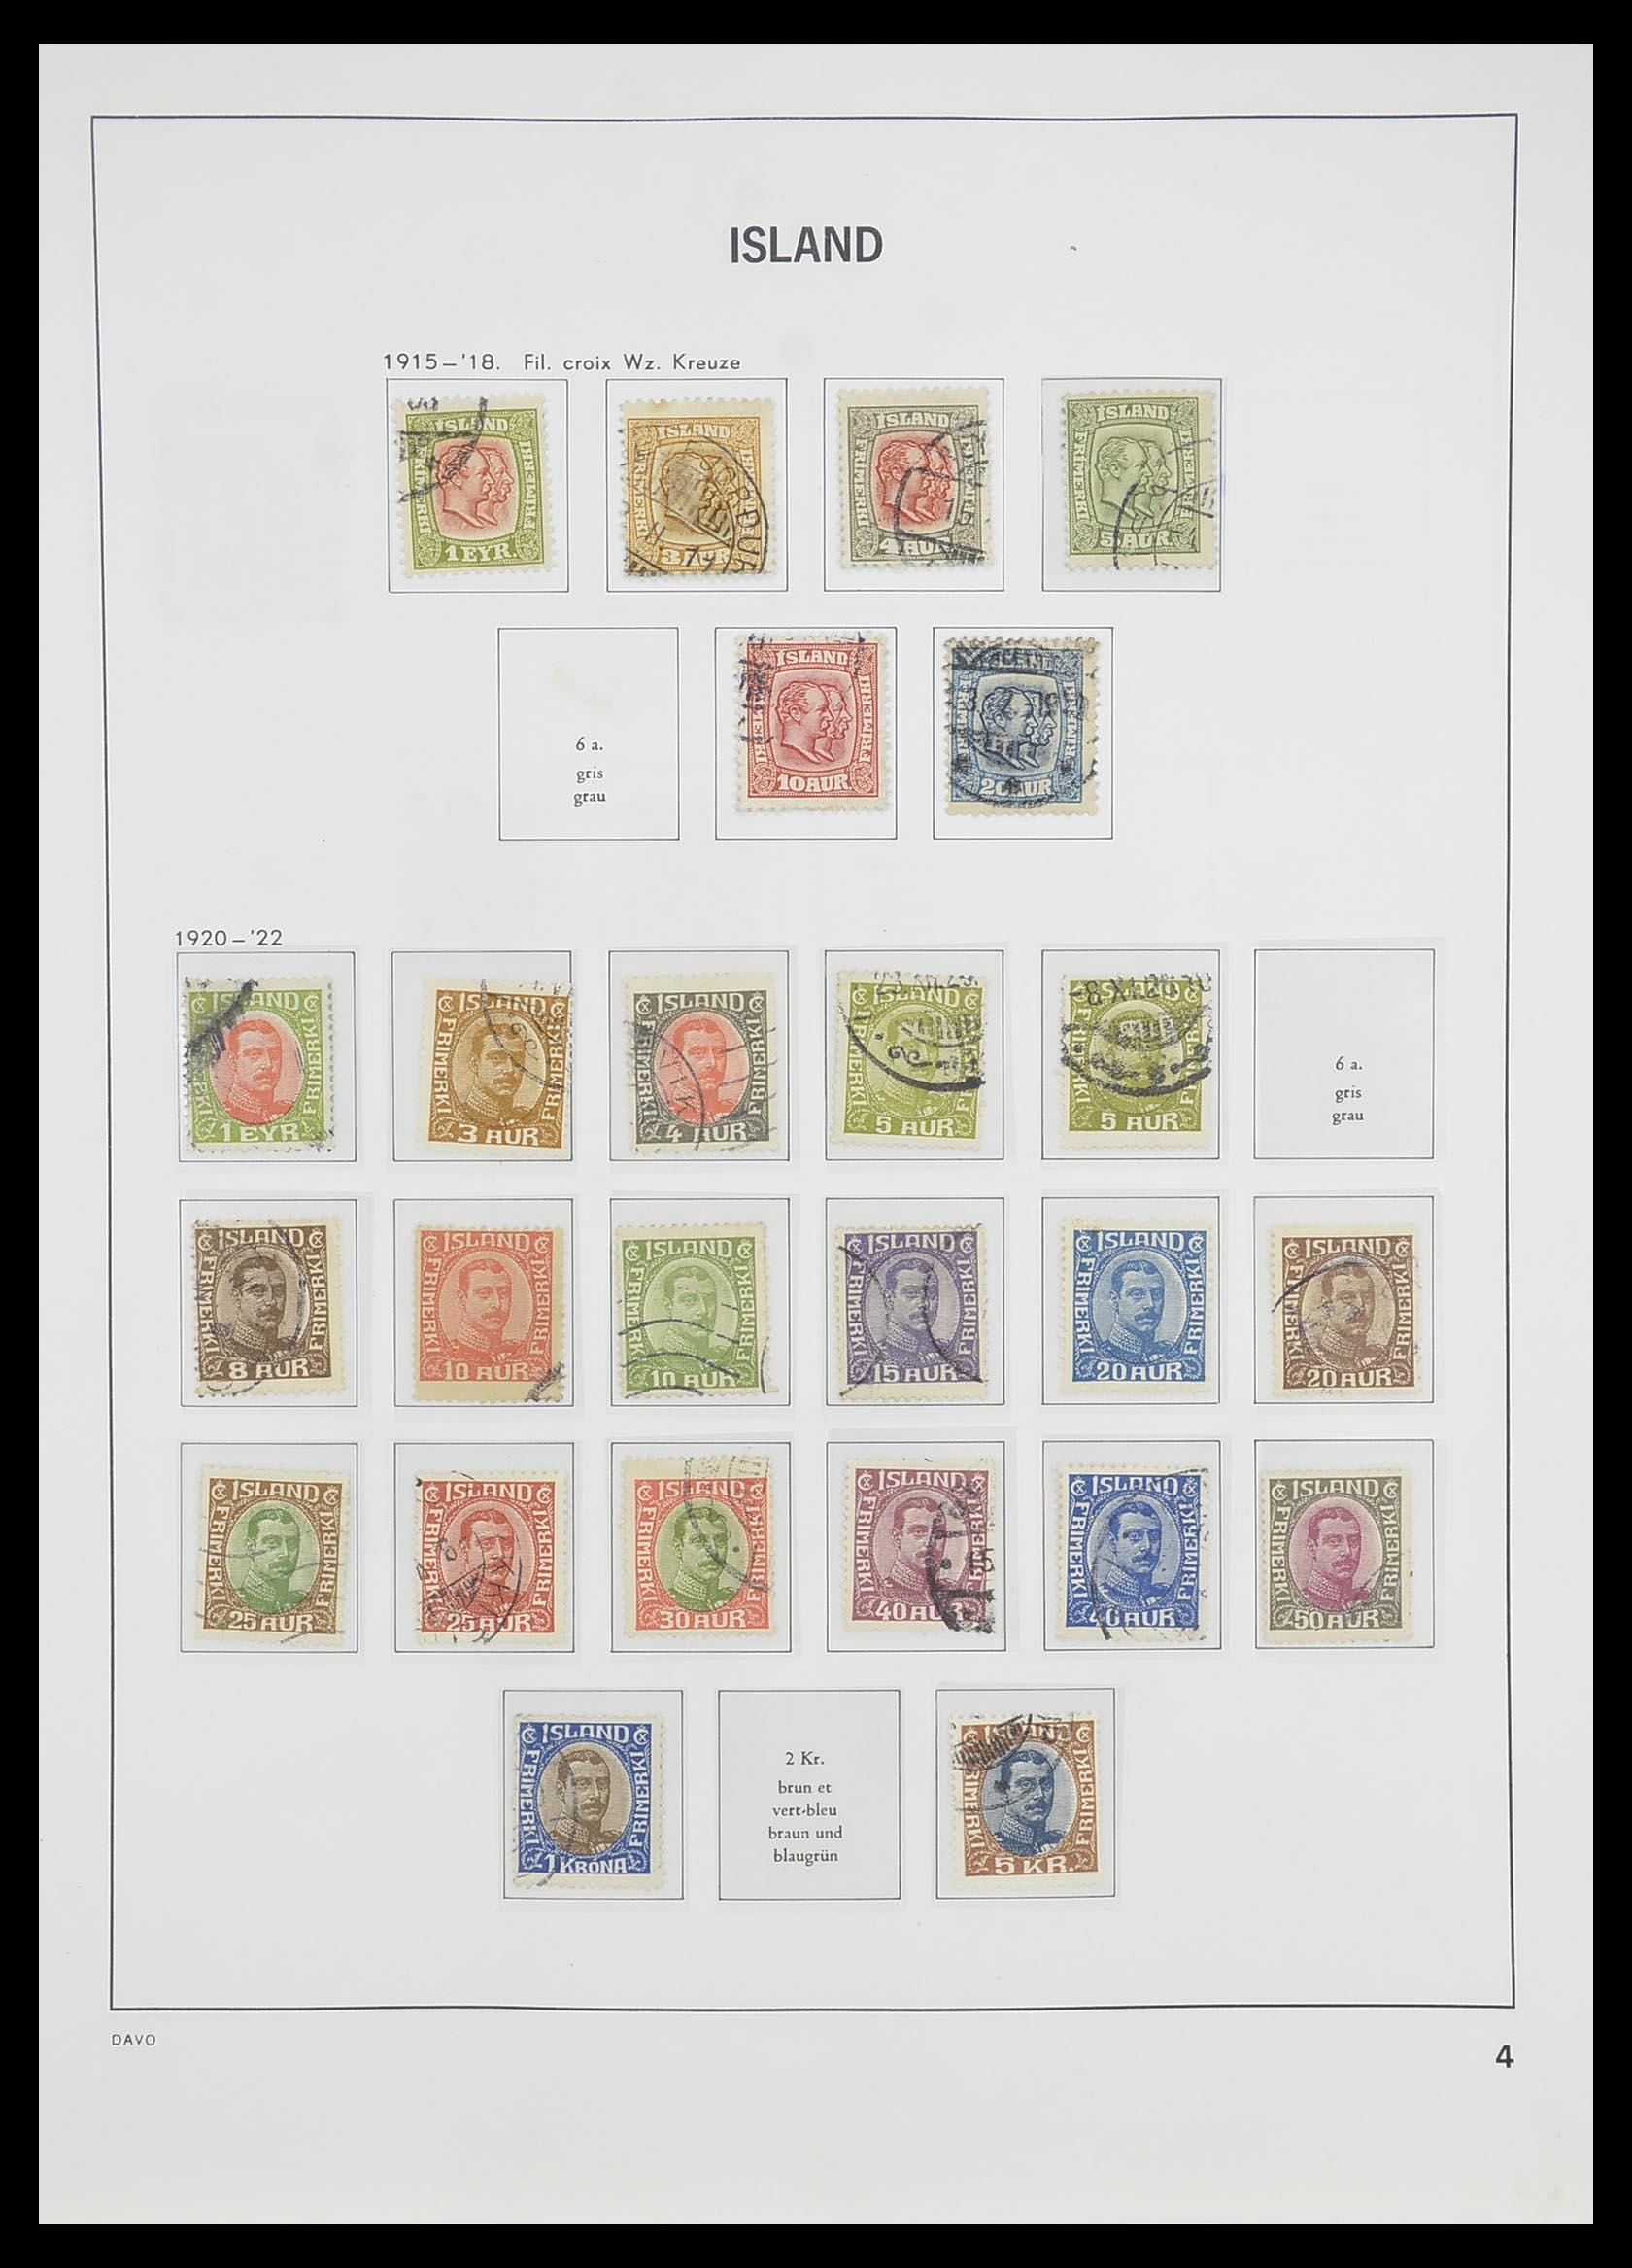 33785 005 - Postzegelverzameling 33785 IJsland 1876-1990.